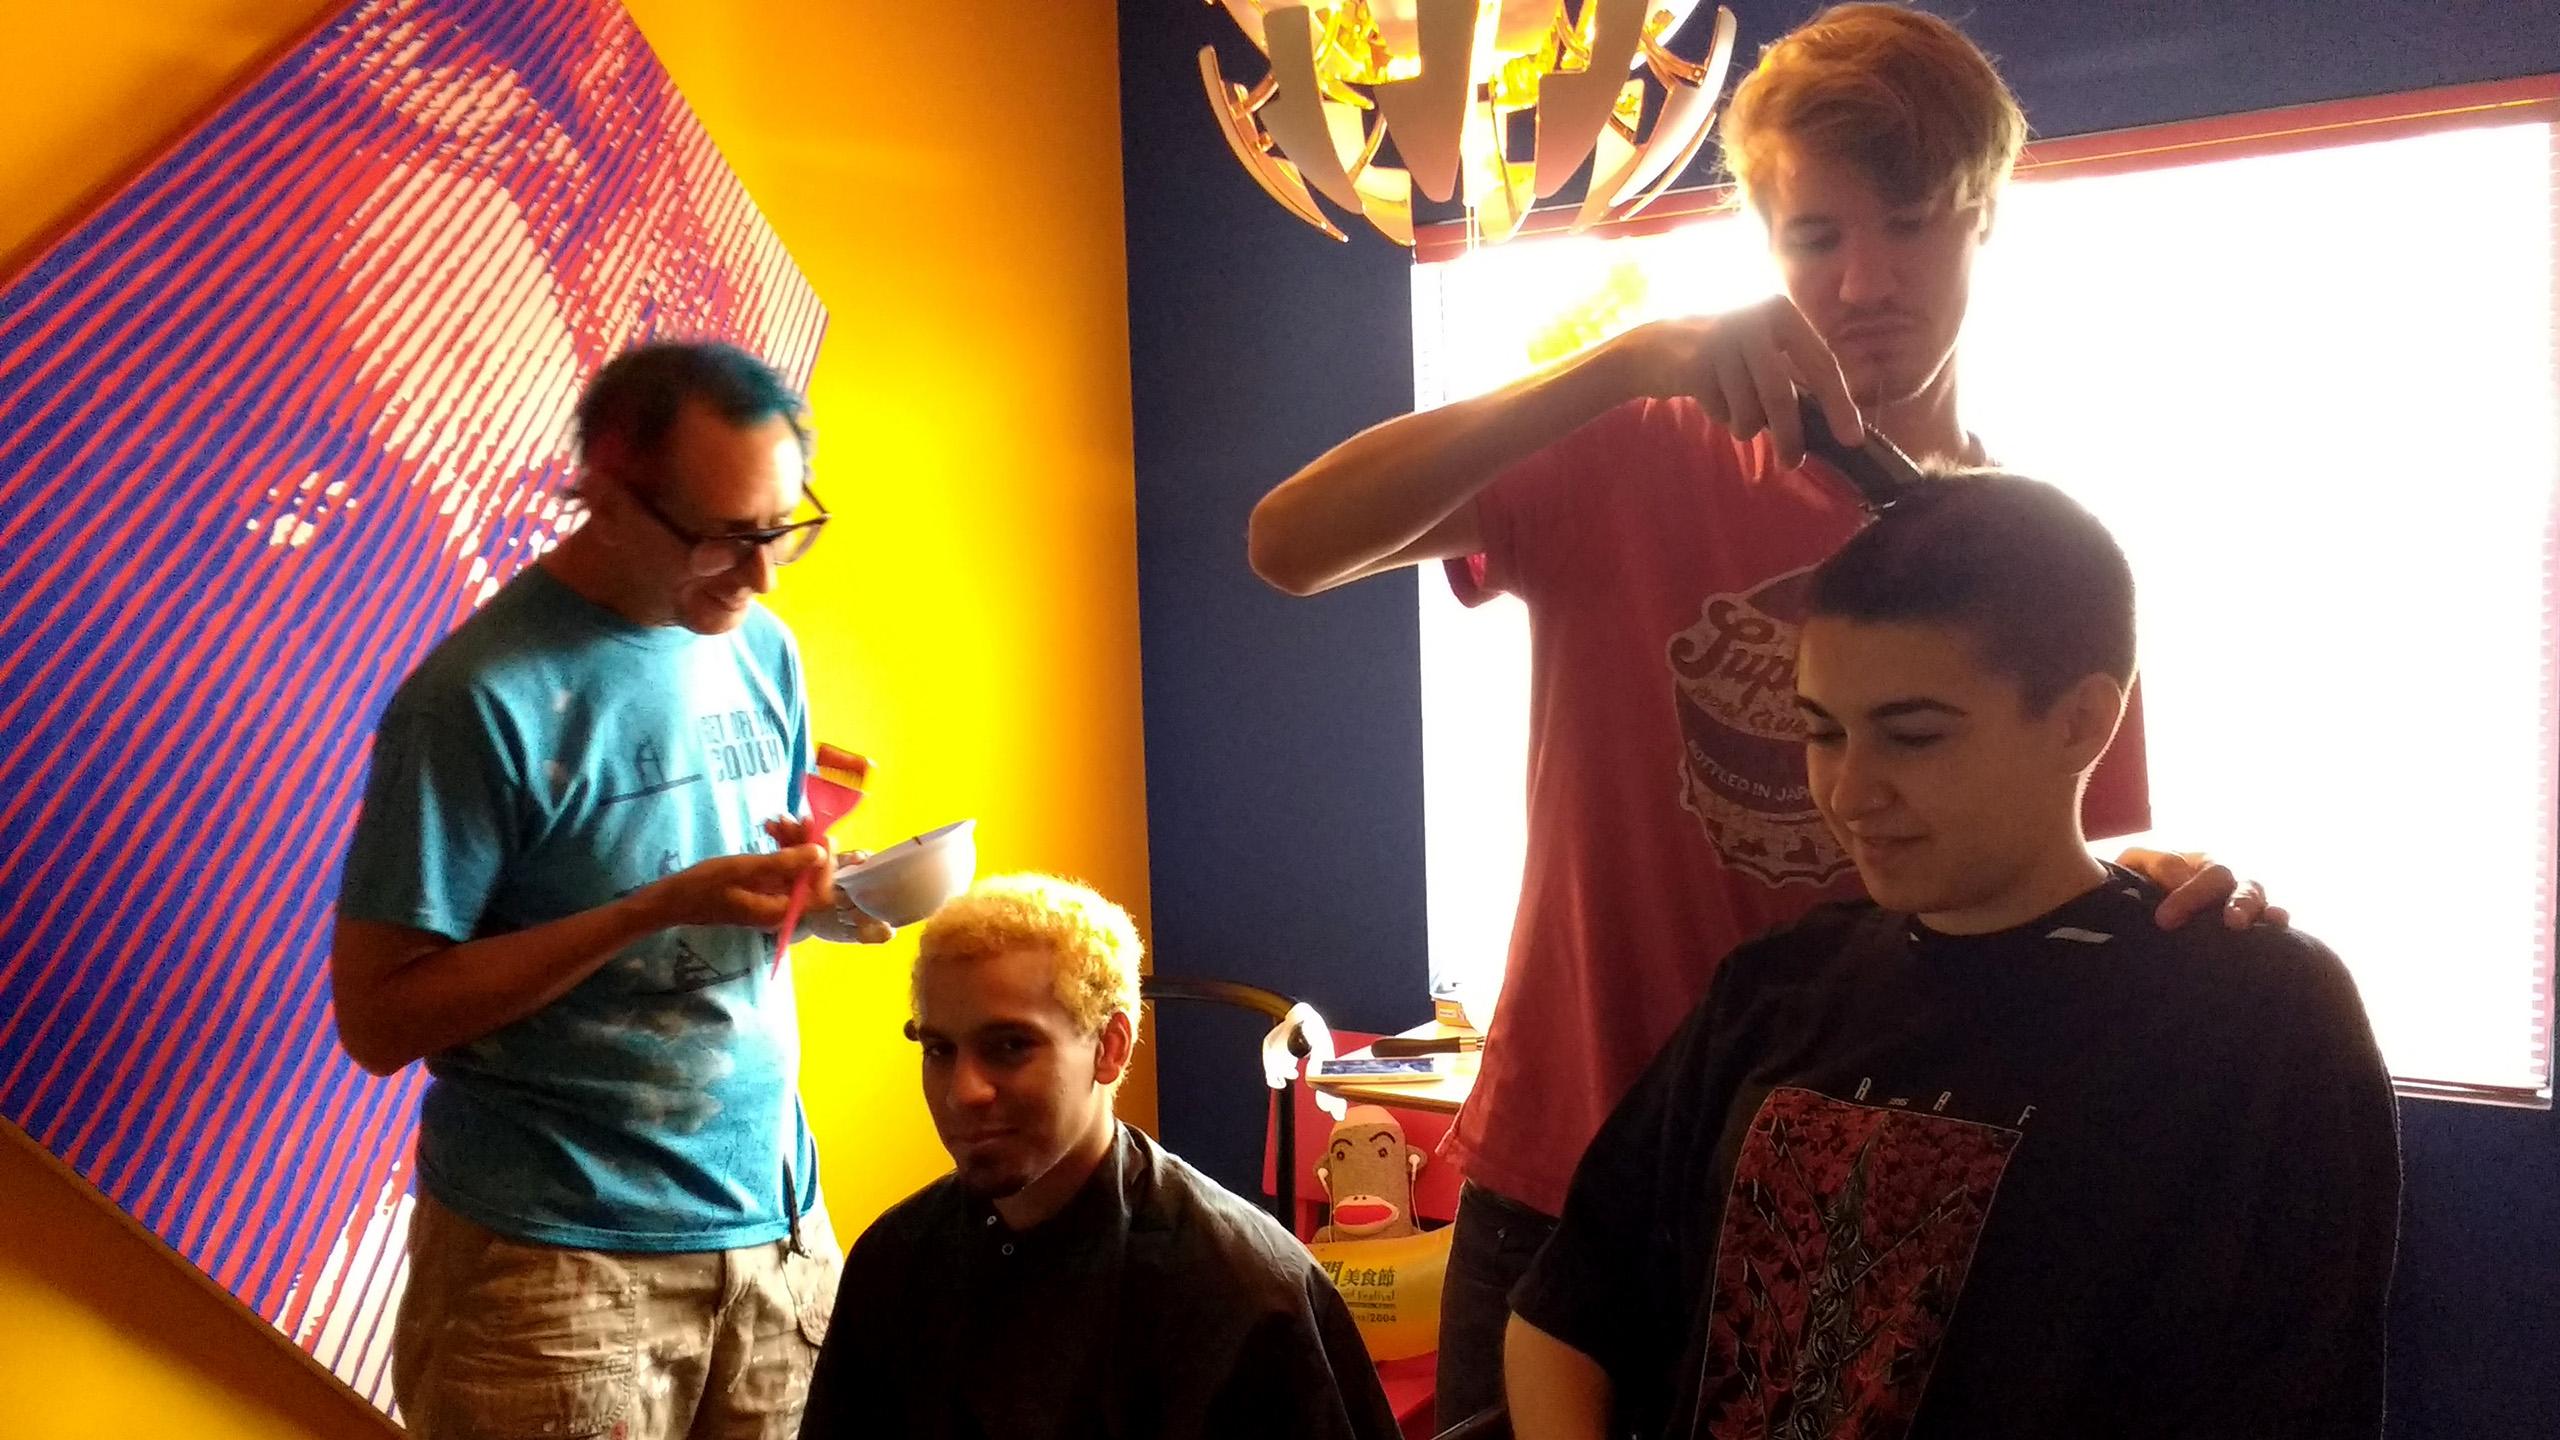 RULA Hair Salon: Glenn applying color to Samuel and Alexis cutting Marta's hair.